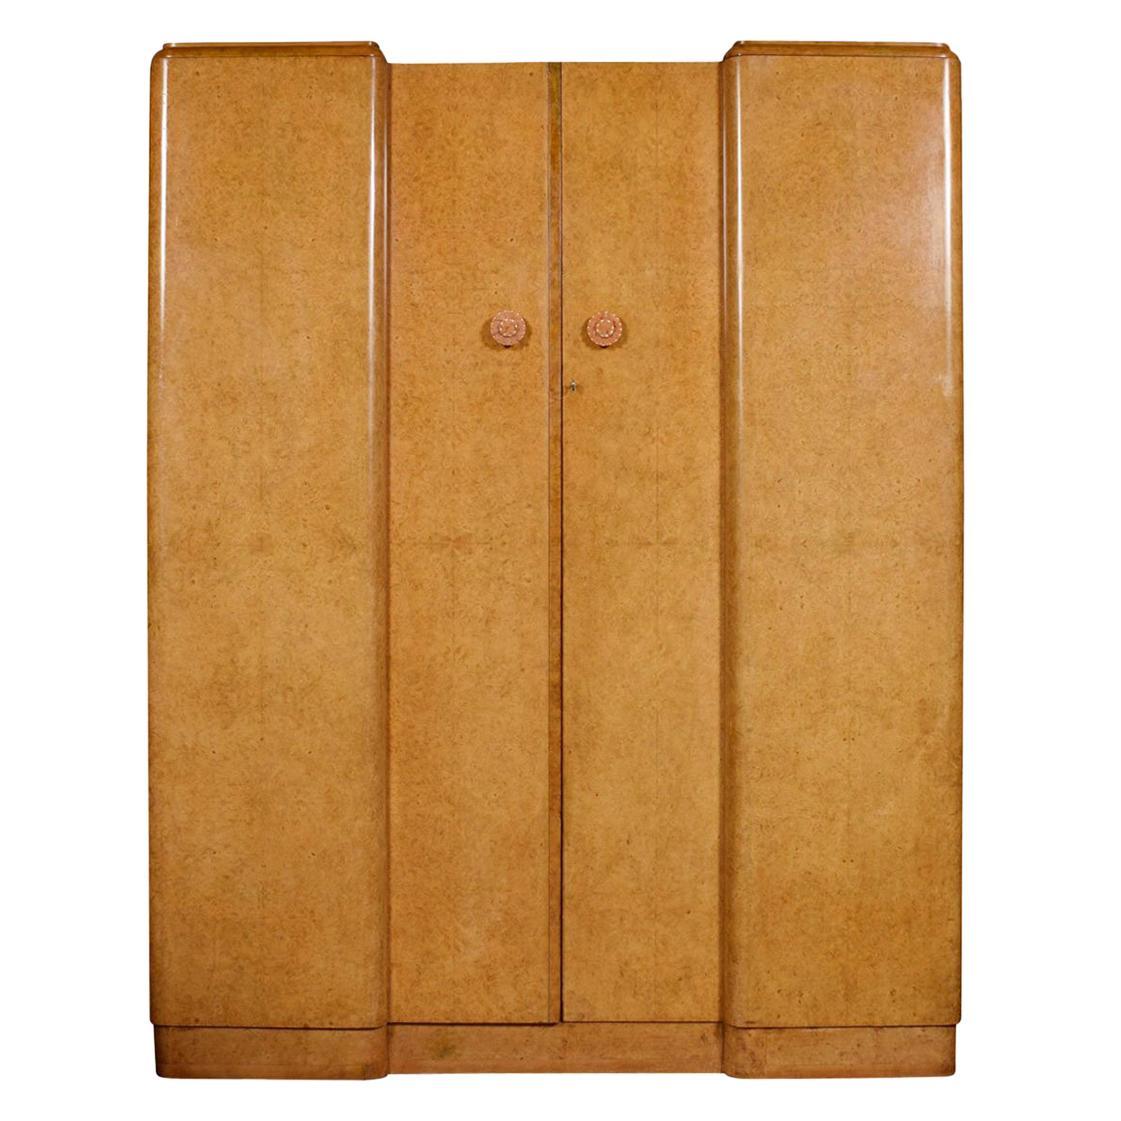 Art Deco Two-Door Wardrobe